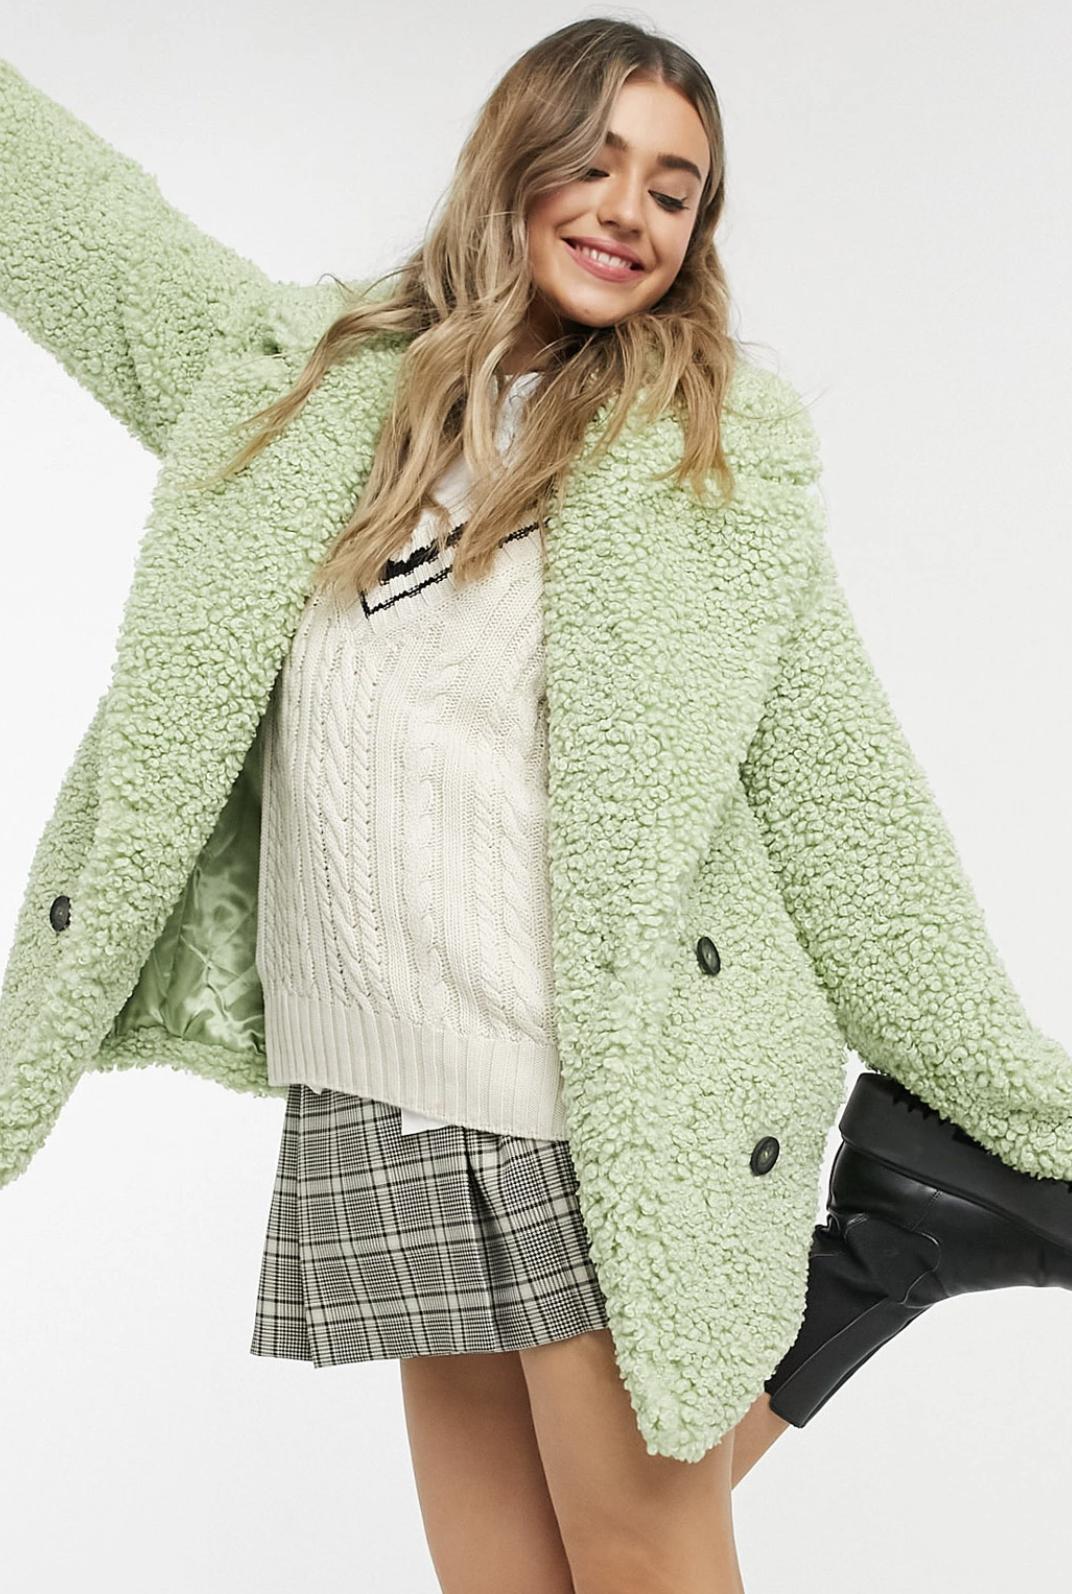 Abrigo en color menta de doble botonadura y tejido de borreguito de estilo peluche de ASOS DESIGN